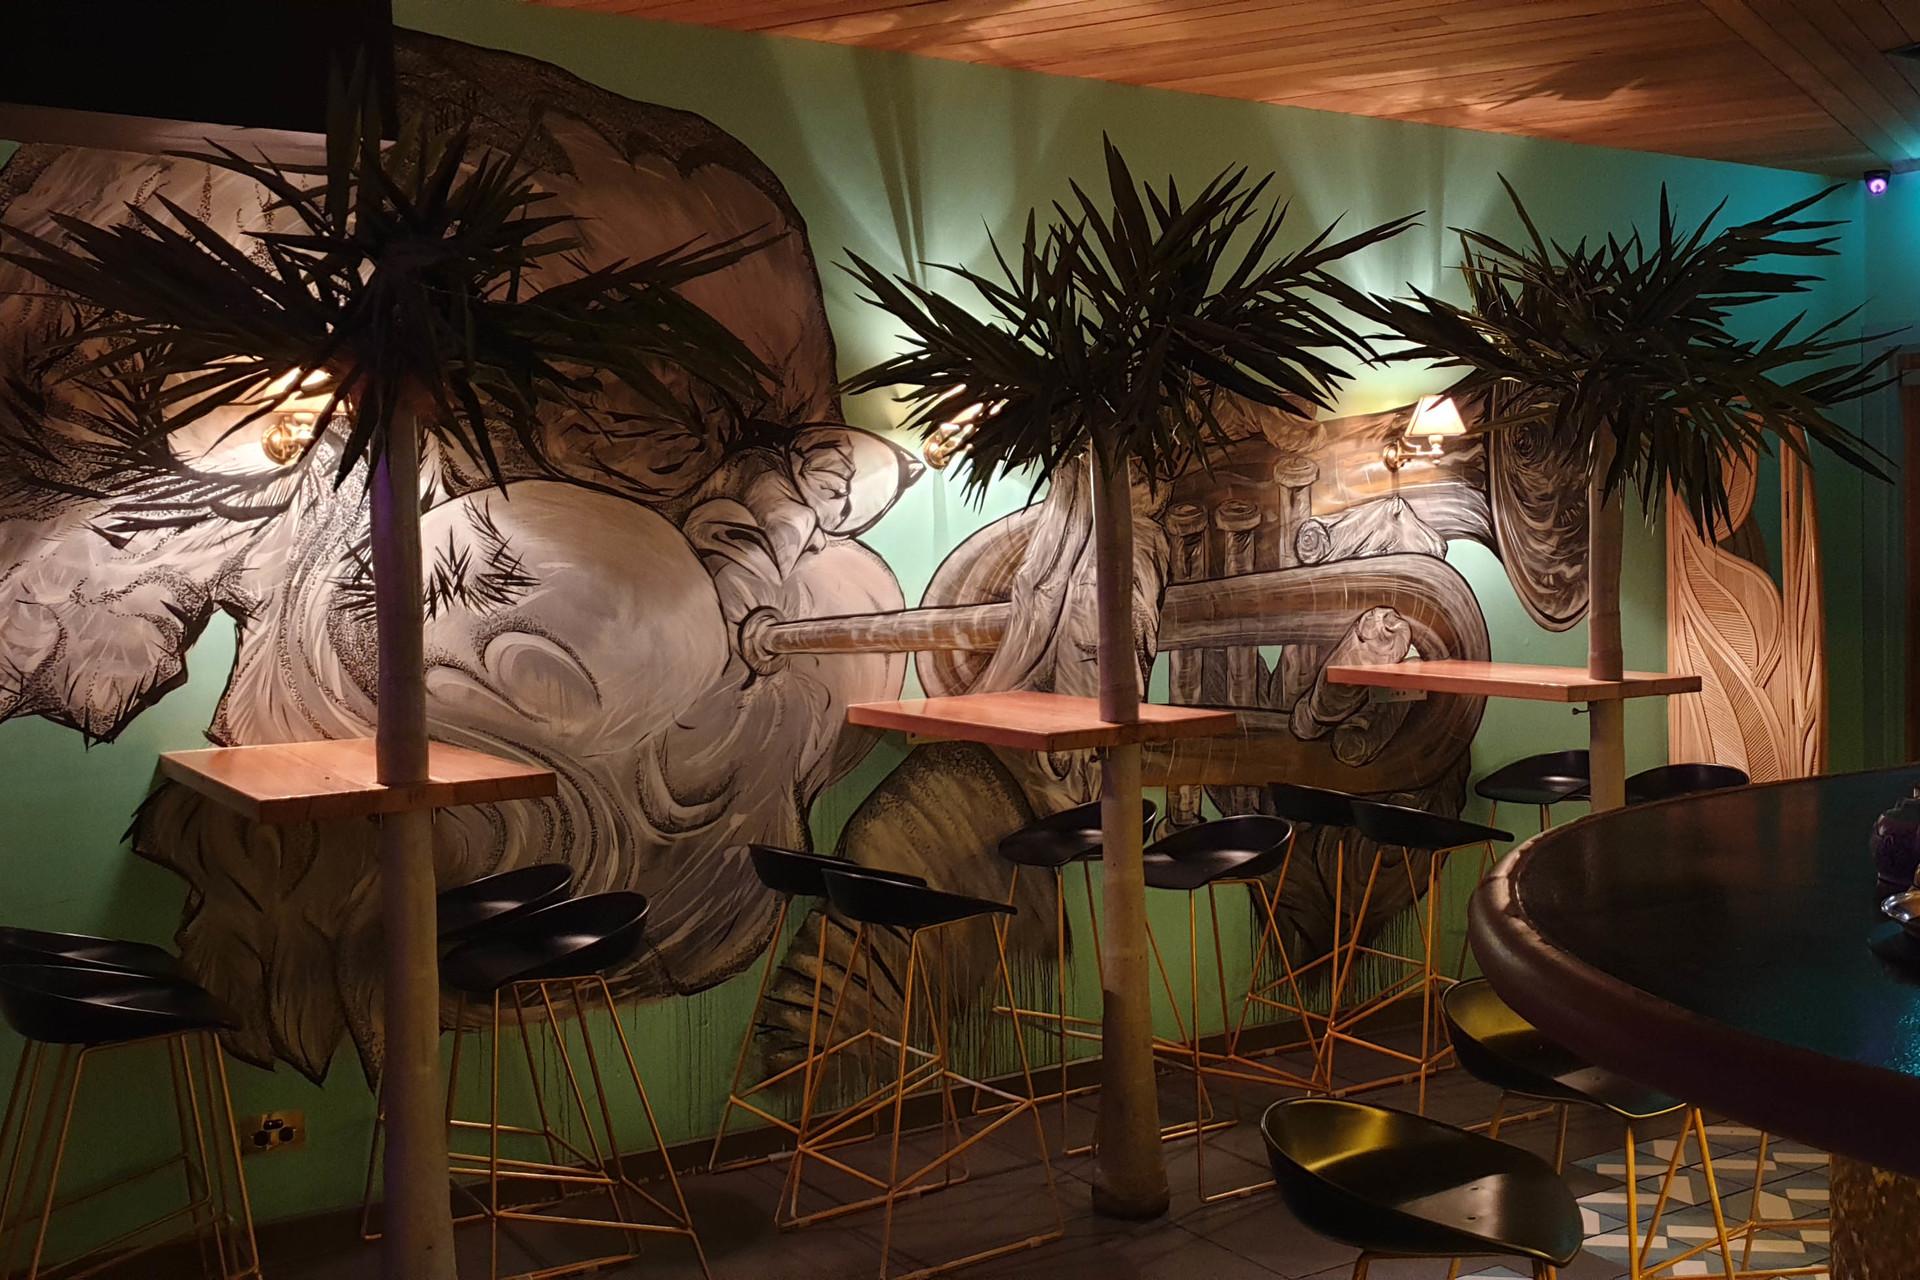 m - The Palm Royale